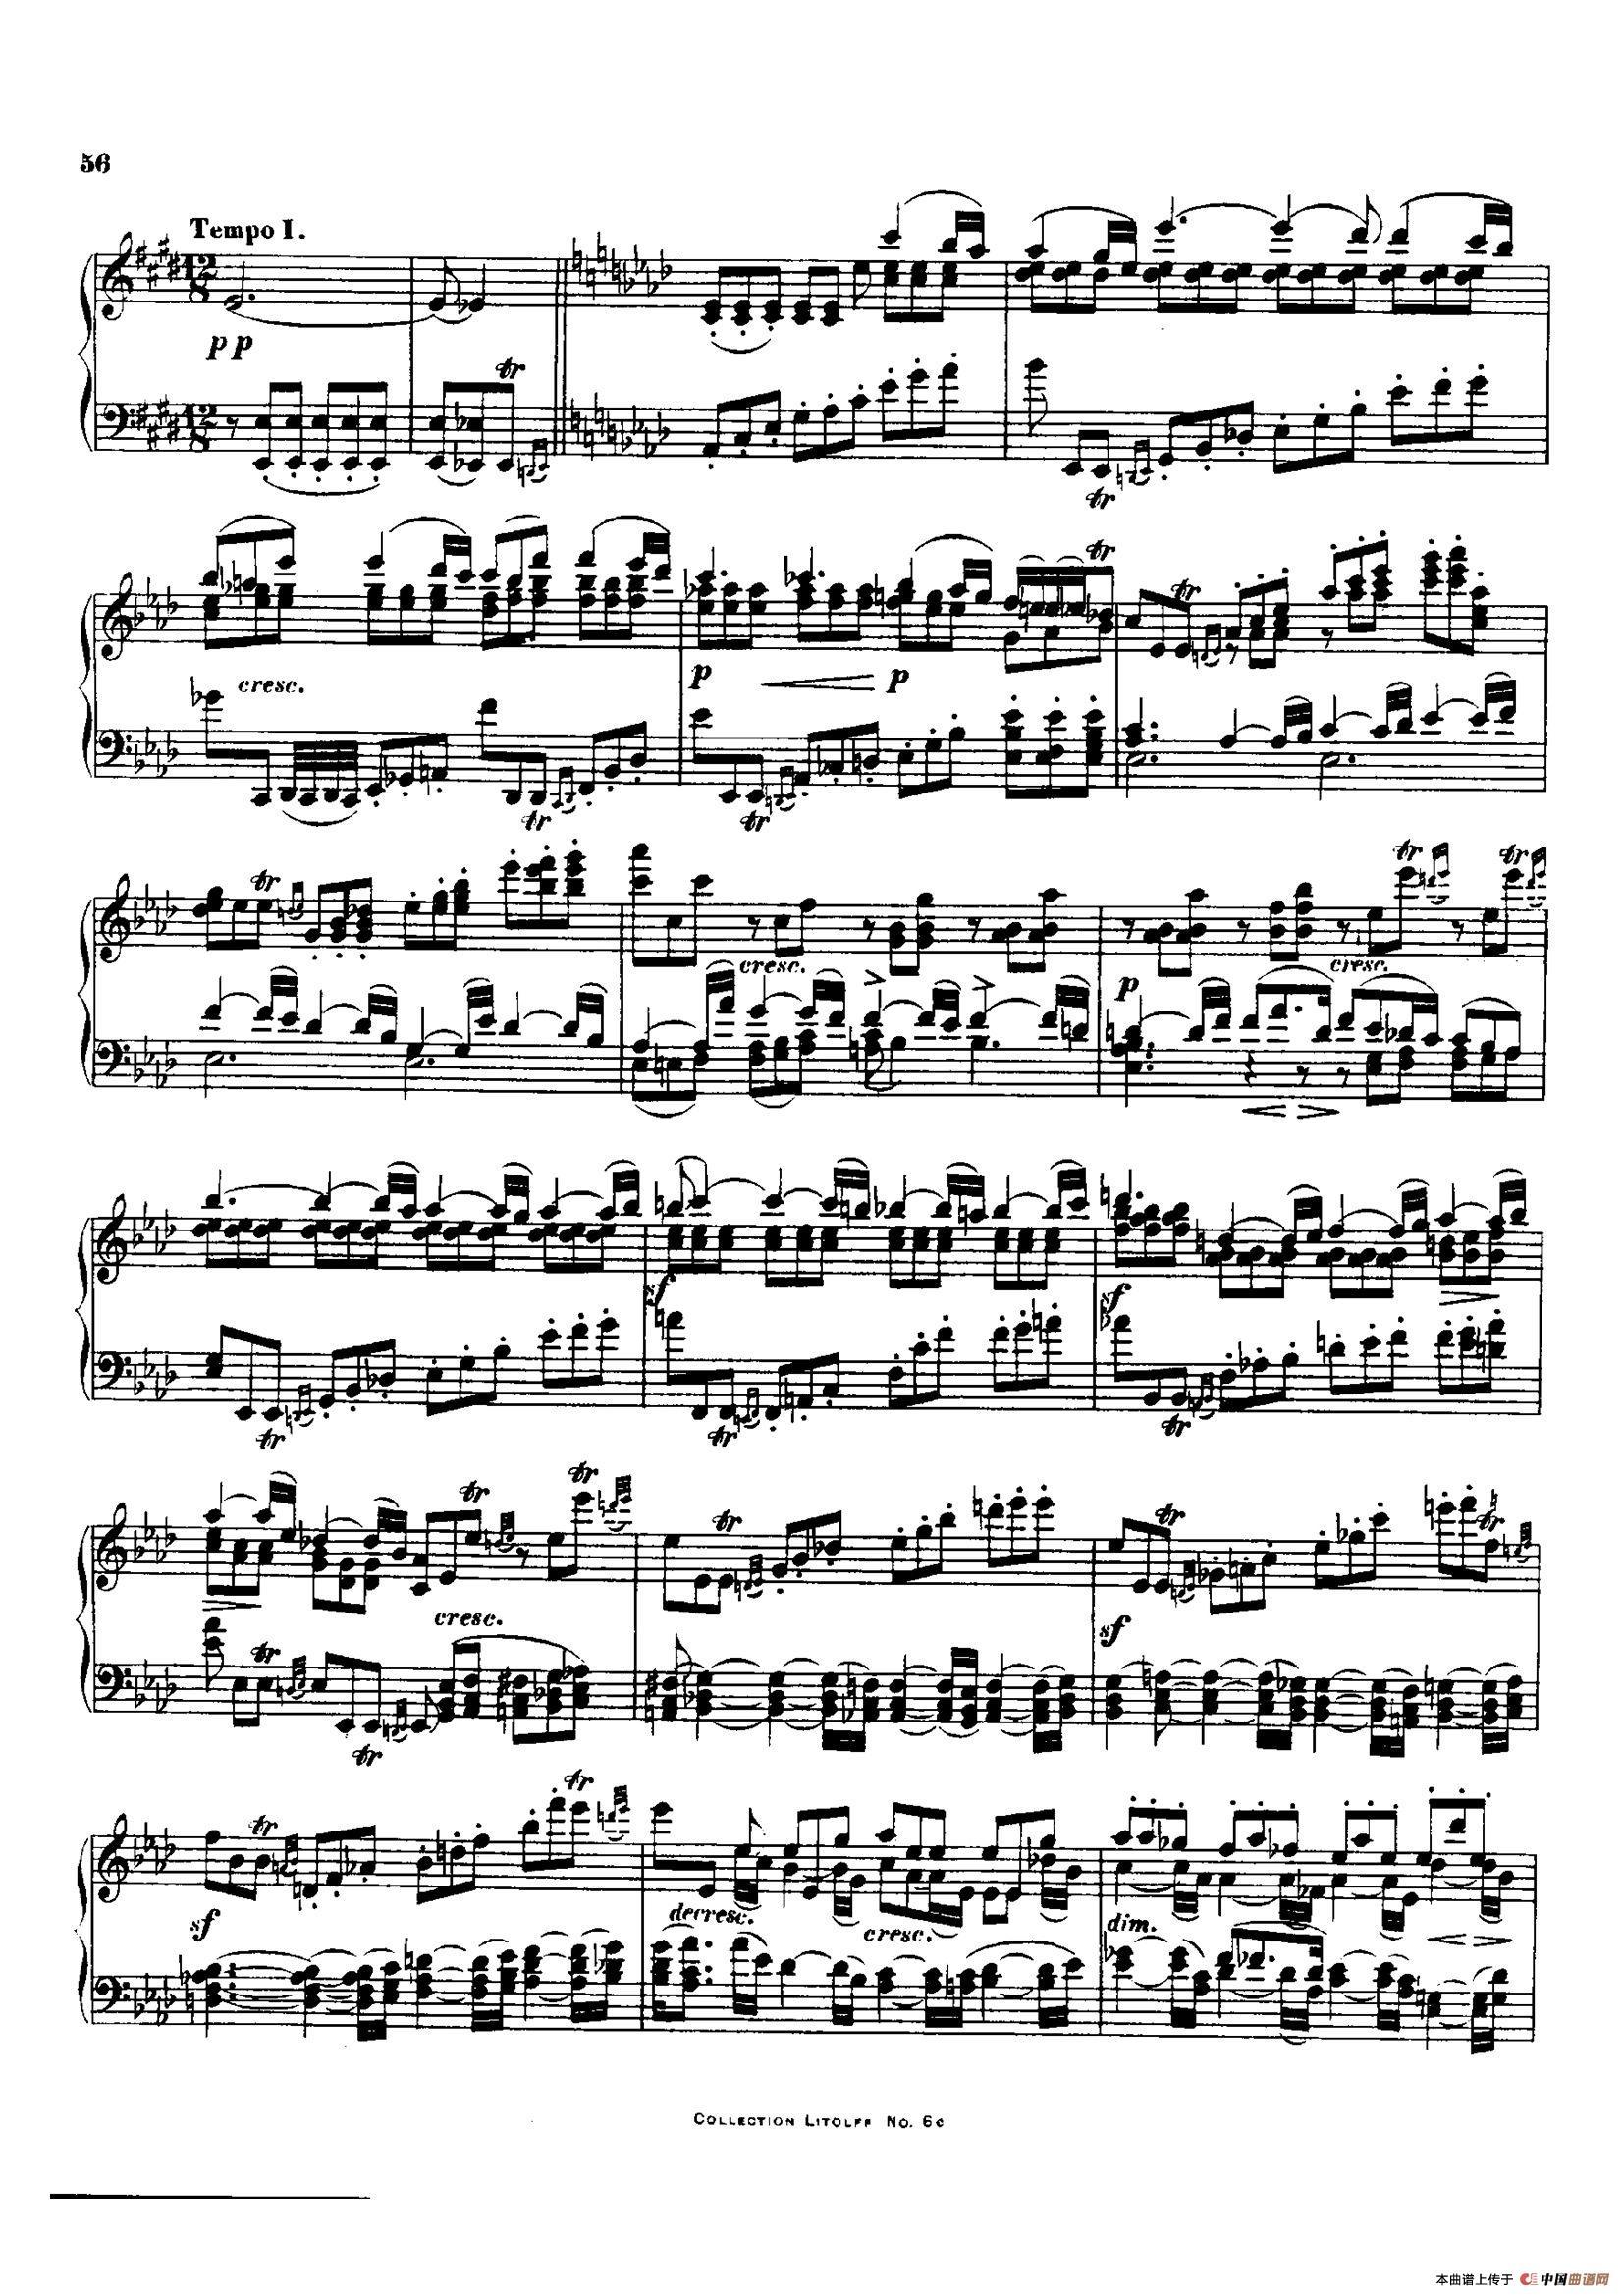 降E大调第十二弦乐四重奏(钢琴独奏版)(1)_原文件名:011.jpg